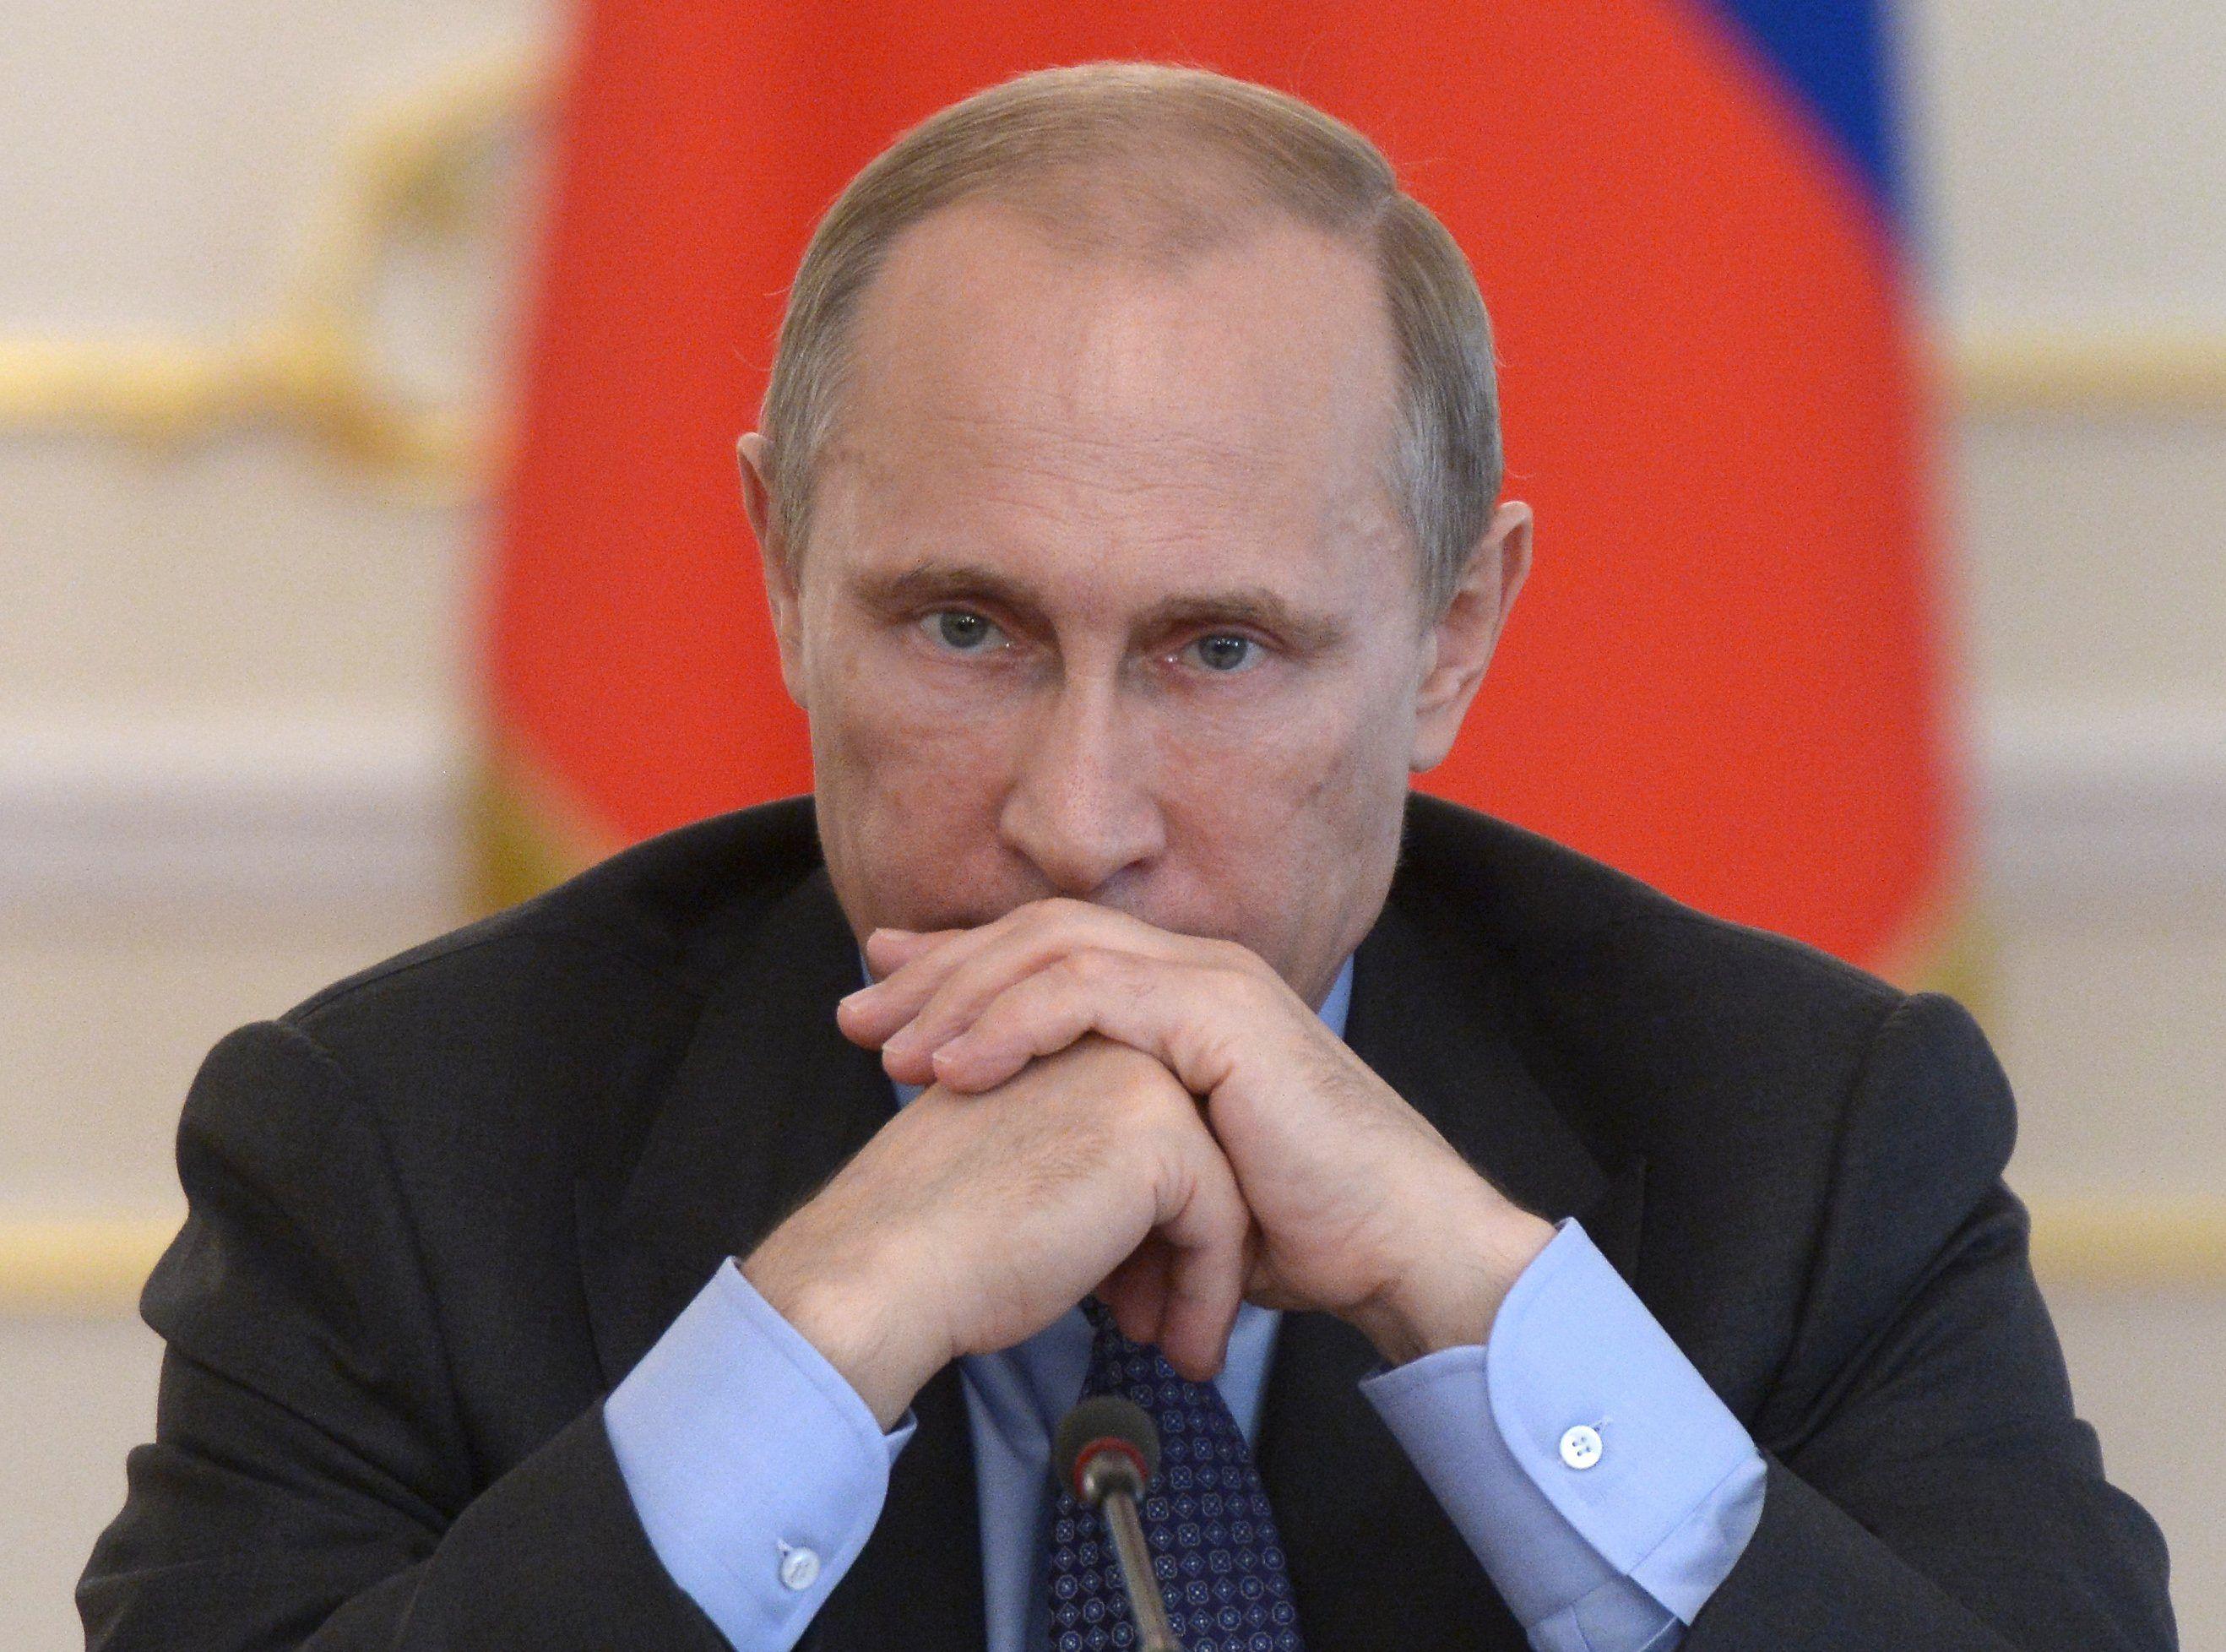 Успех Украины может означать проблемы для Путина